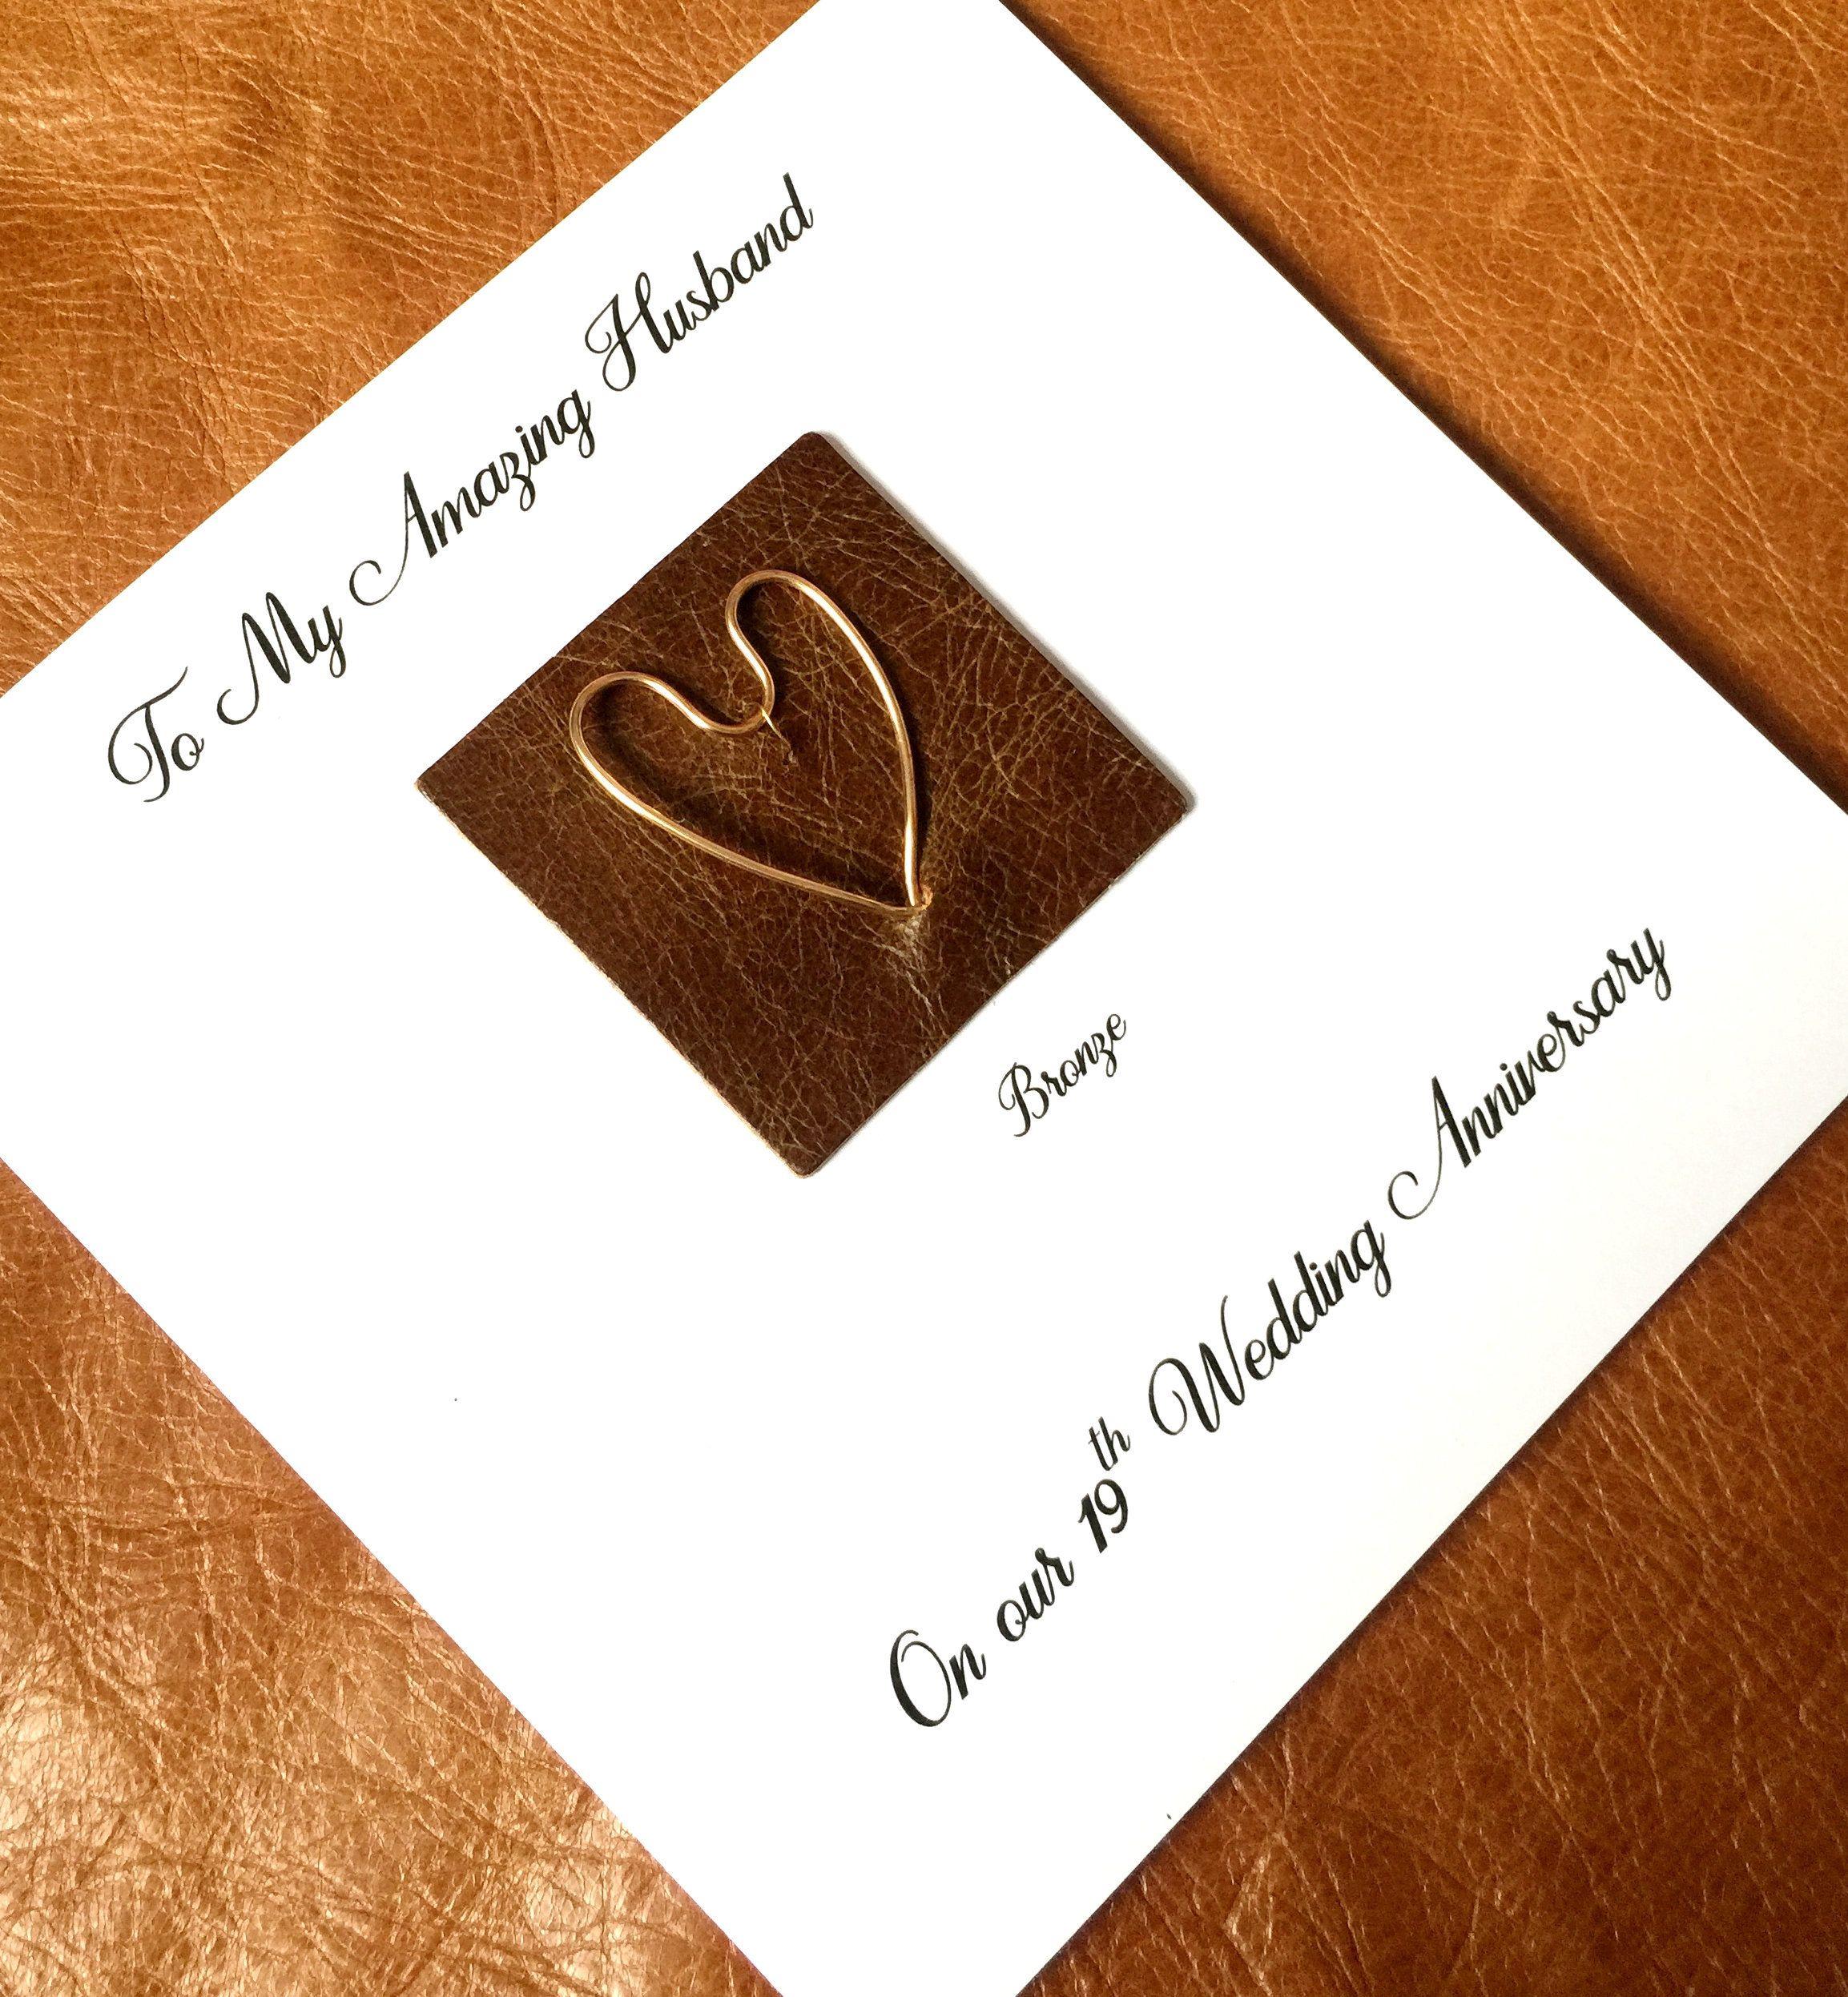 19th Wedding Anniversary Card Bronze Anniversary Card Handmade Uk Anniversary Cards Handmade Wedding Anniversary Cards Anniversary Cards